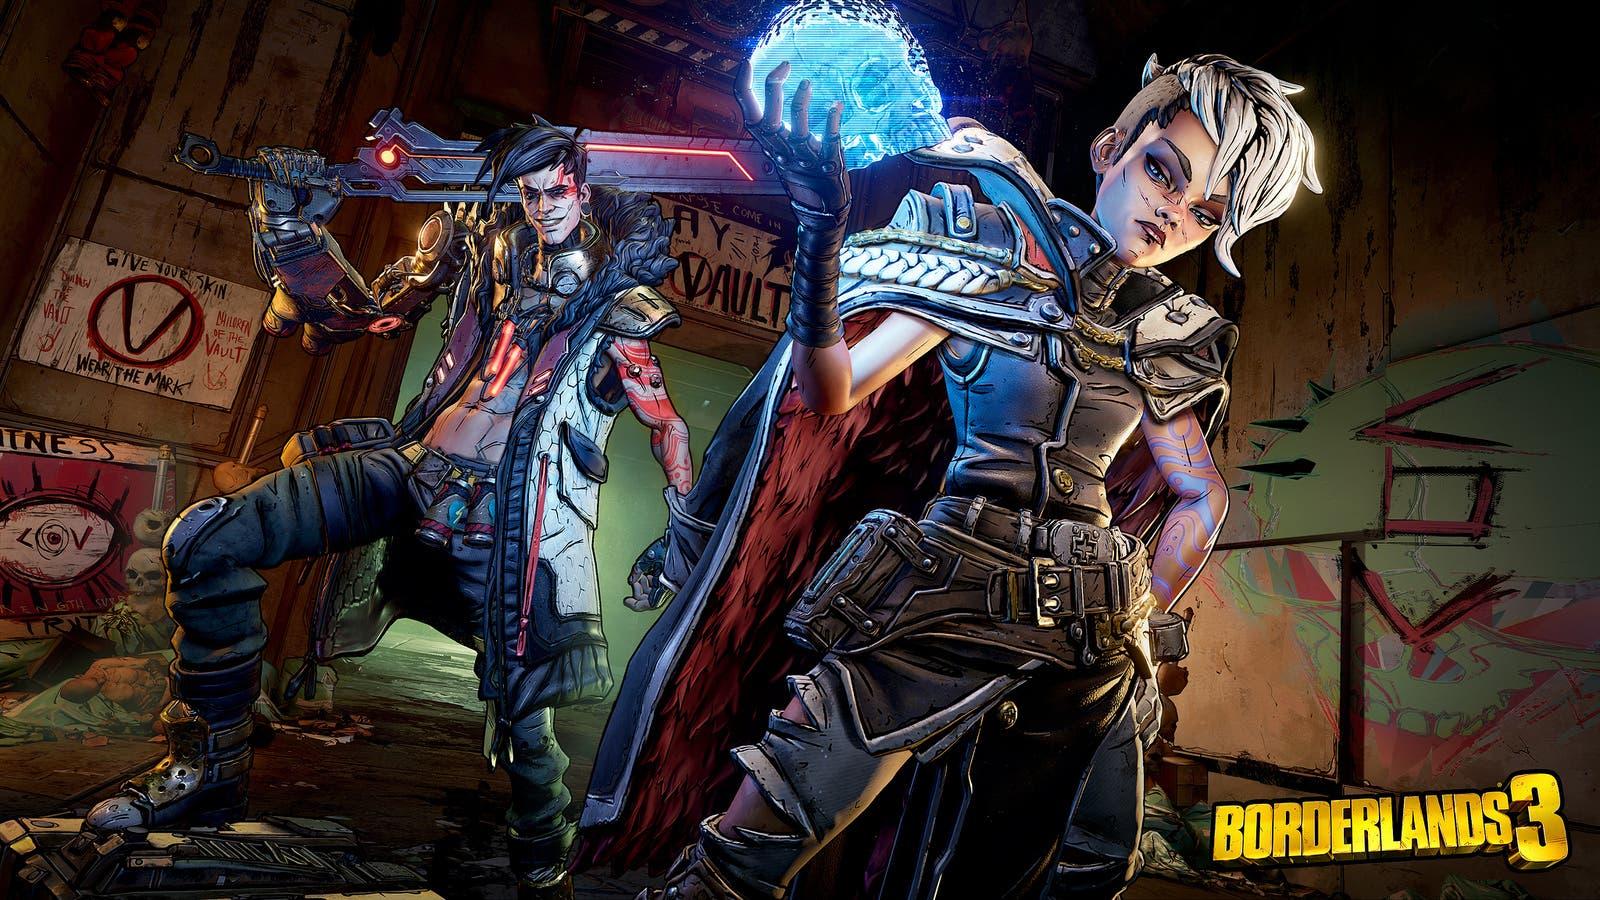 Imagen de Borderlands 3, en tan solo un mes de disponibilidad, alcanza un increíble logro en ventas